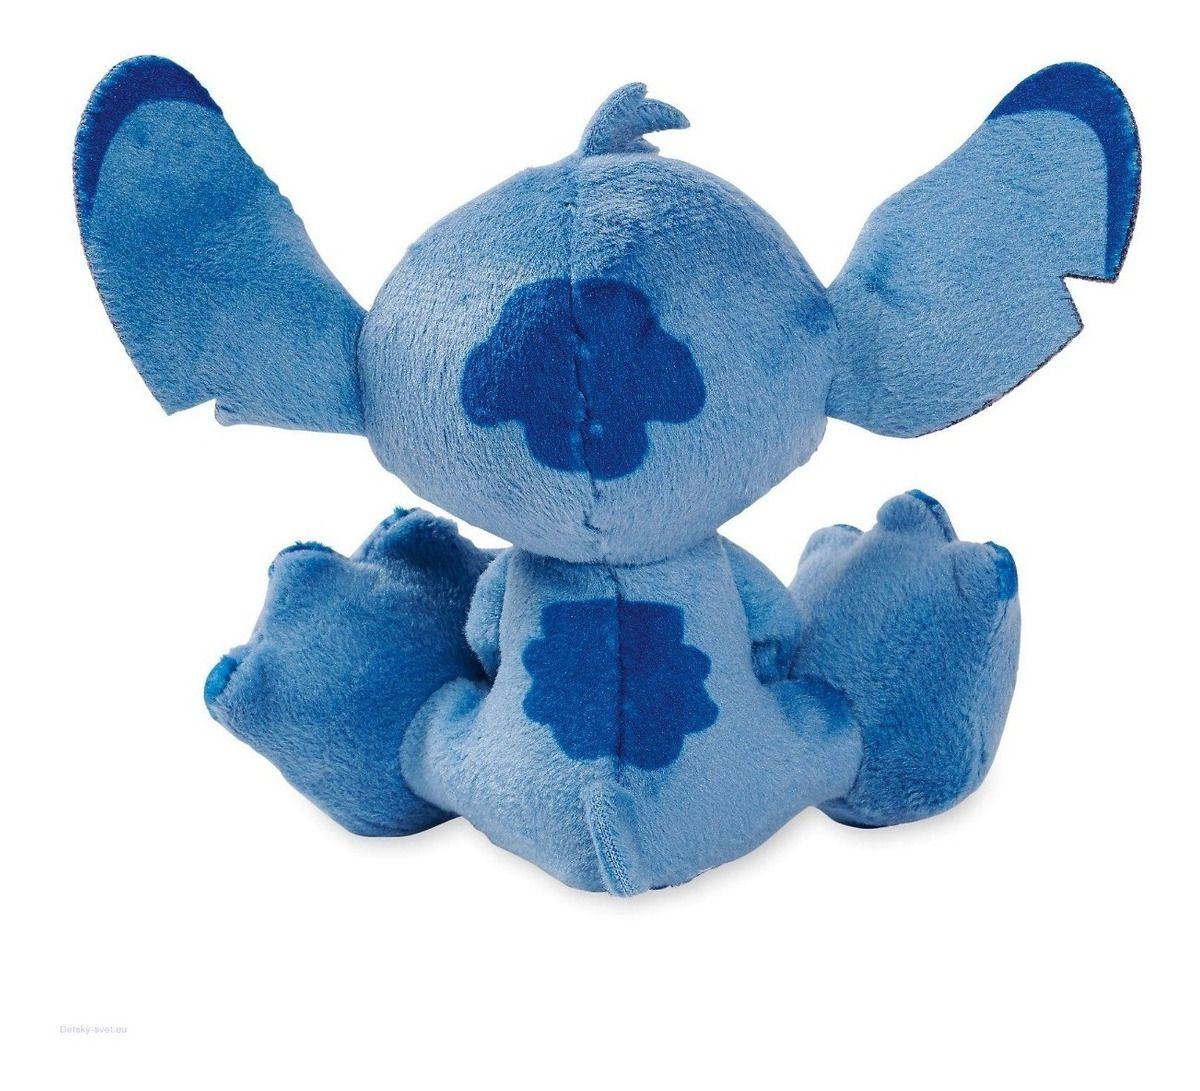 Pelucia Disney Stitch - Lilo e Stitch Disney Tiny Big Feet Parks Disney  - Game Land Brinquedos